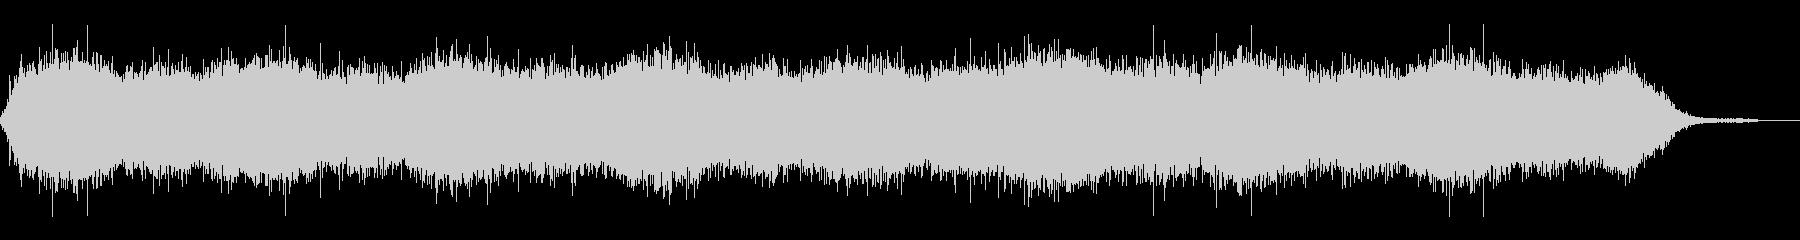 背景音 洞窟 3の未再生の波形